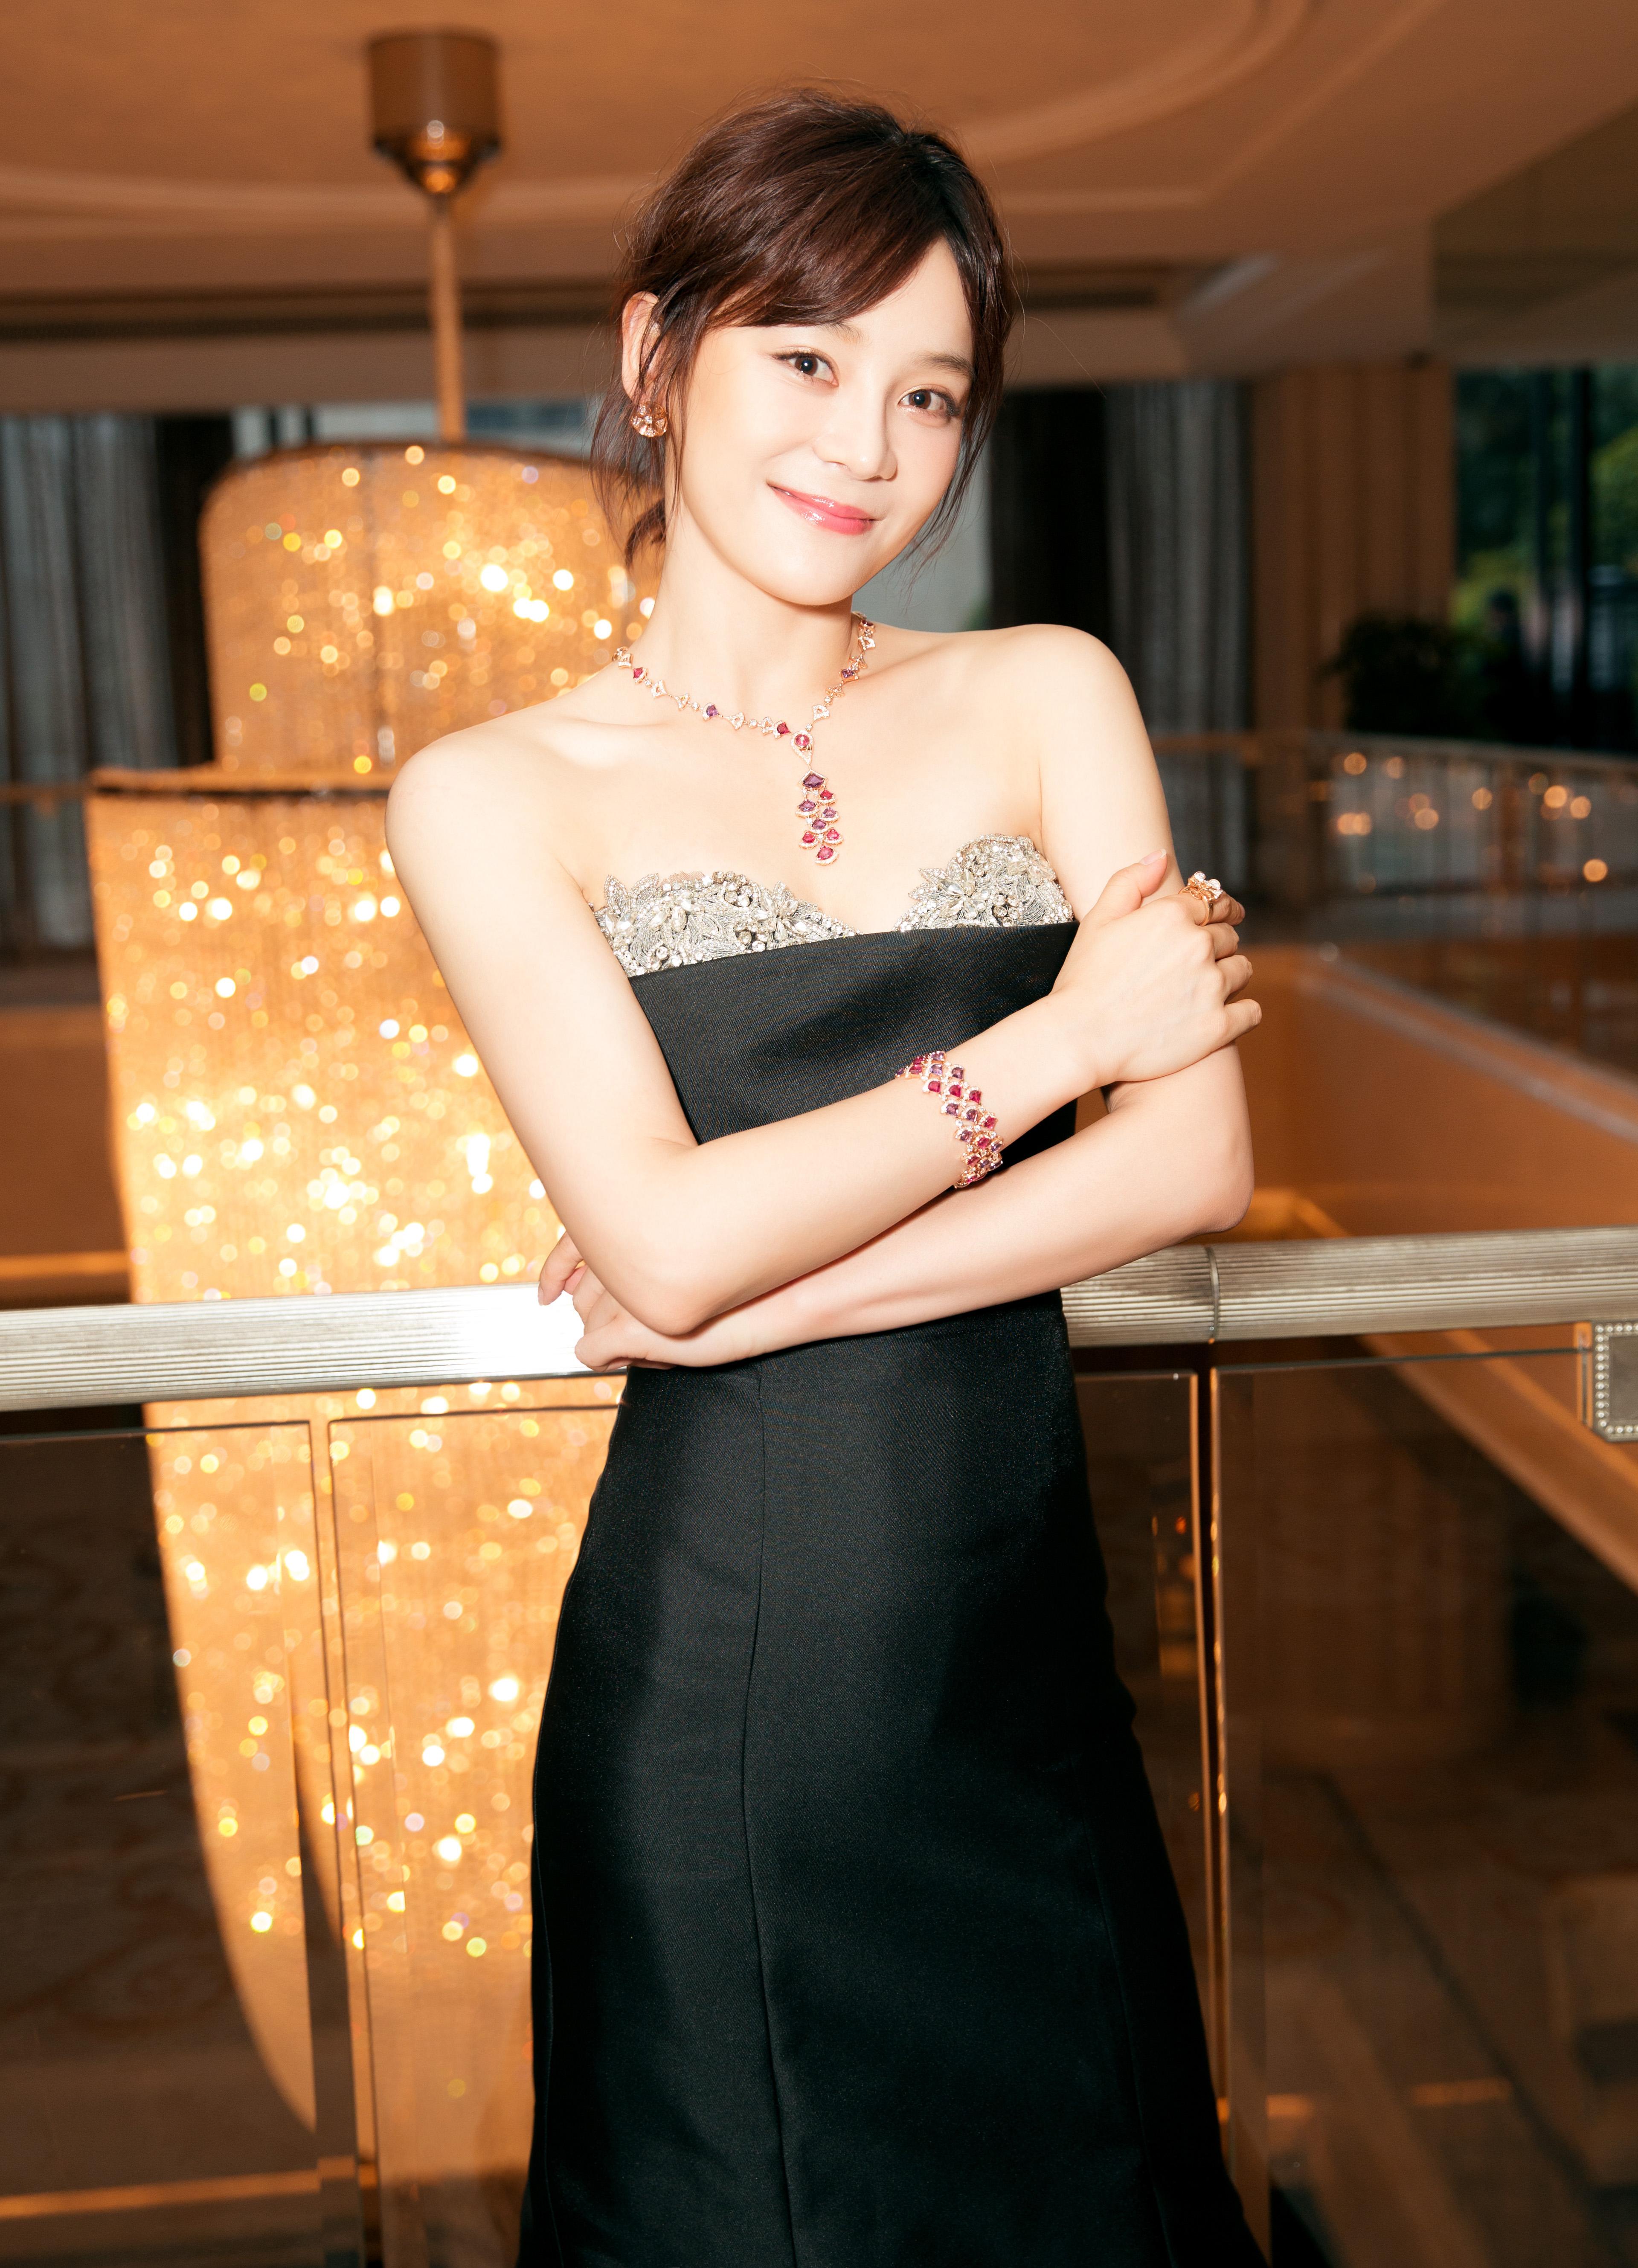 请给袁姗姗这次的造型师加鸡腿 真的惊艳了图片